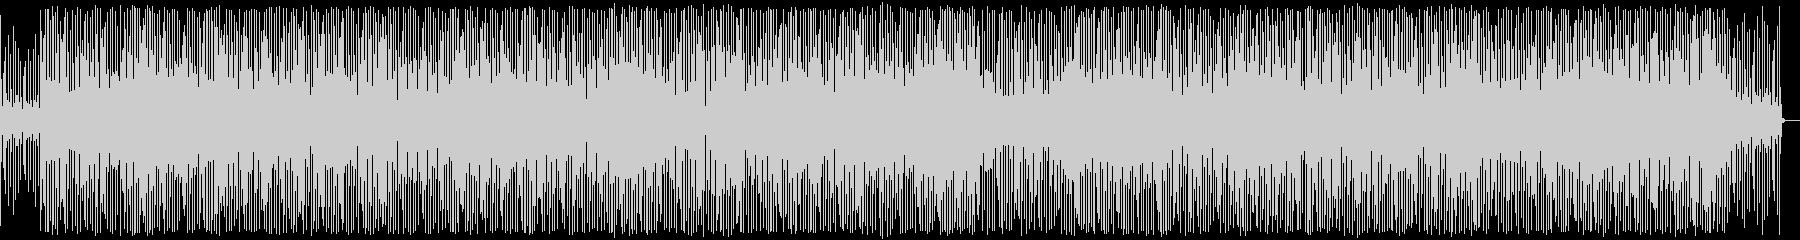 G線上のアリア 軽快ポップスverの未再生の波形